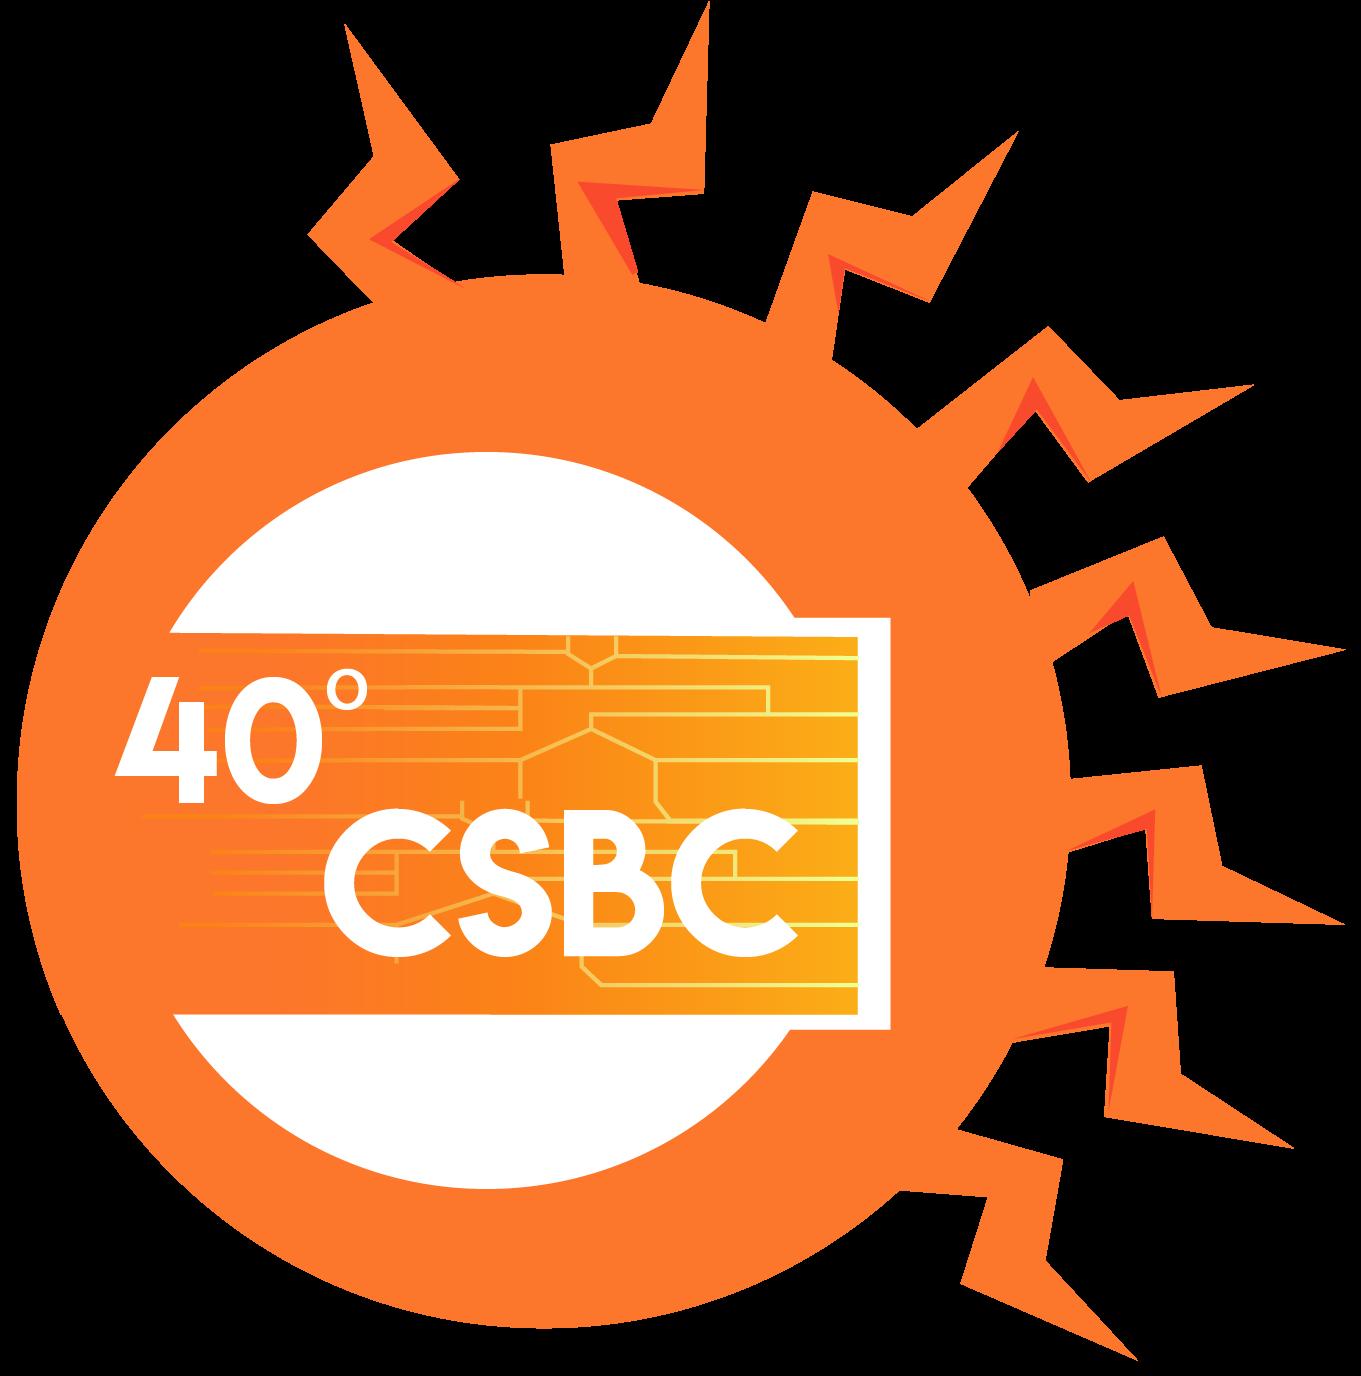 XL CONGRESSO DA SOCIEDADE BRASILEIRA DE COMPUTAÇÃO (CSBC 2020)